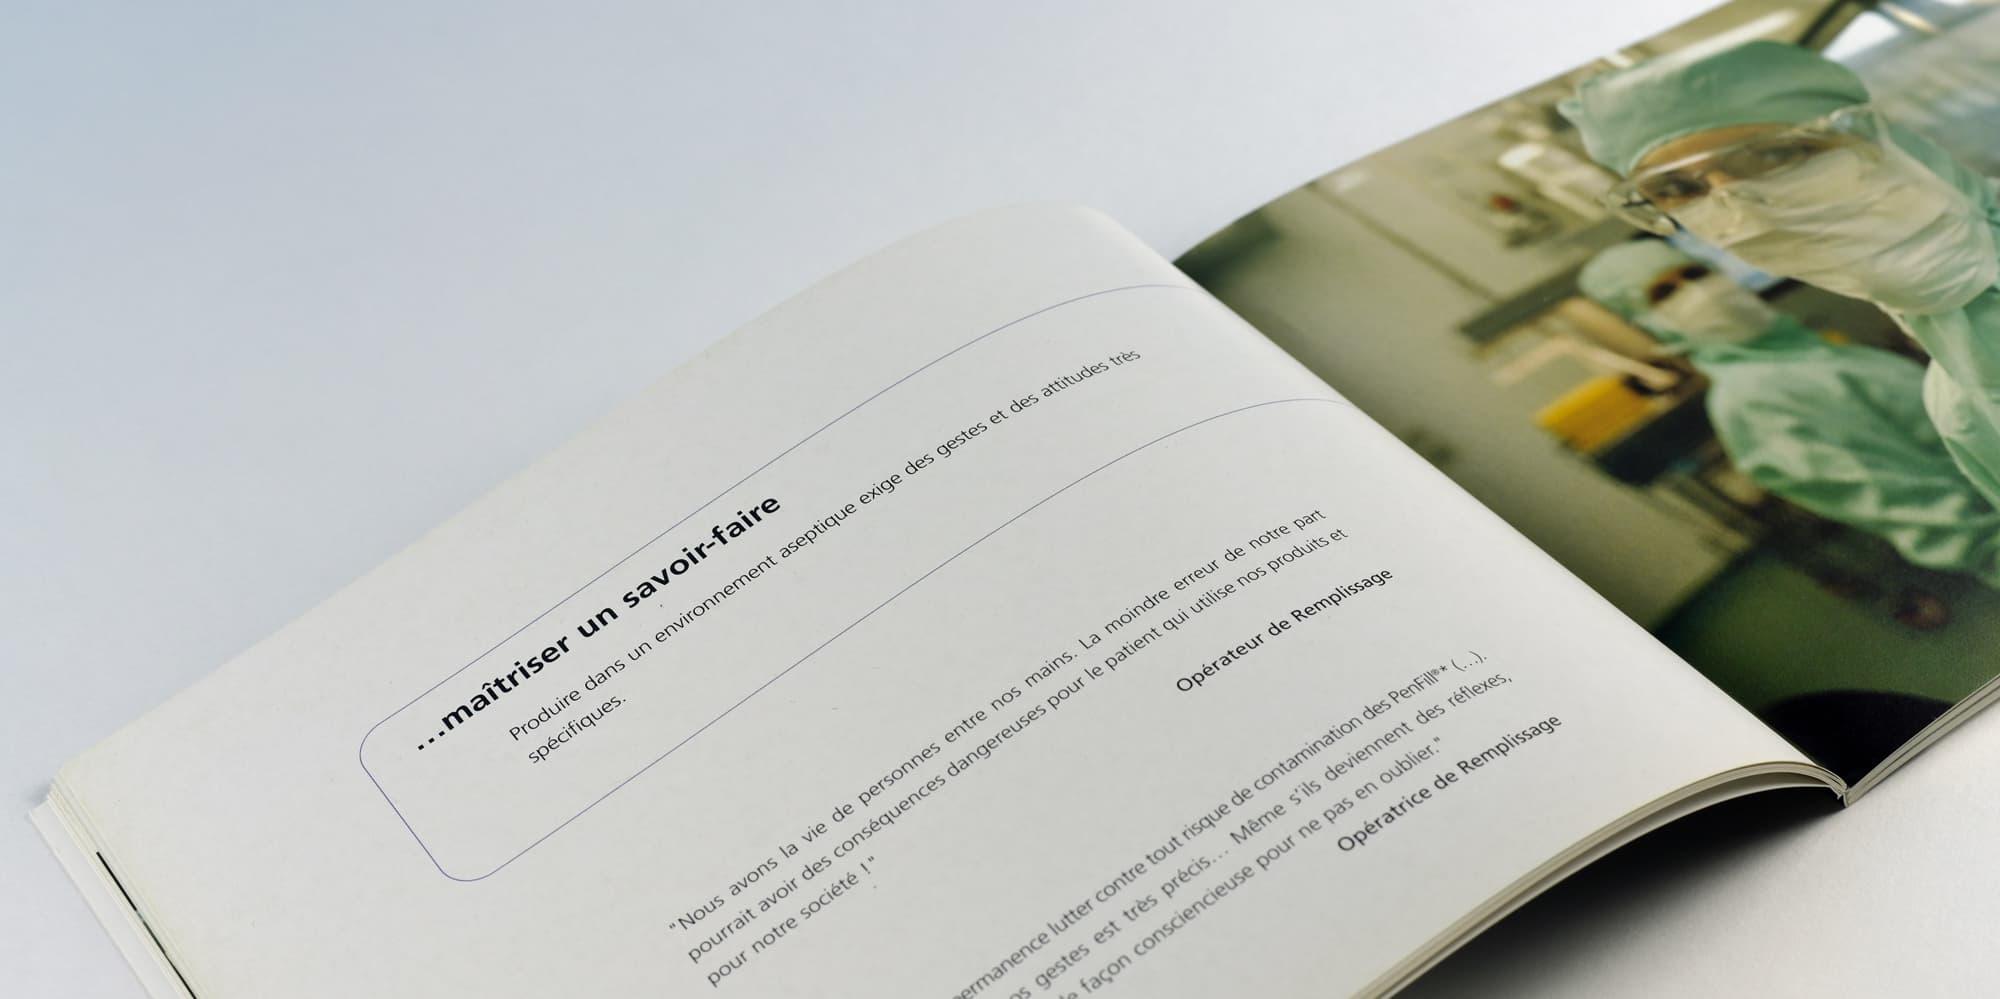 Conception d'un livre d'inauguration pour le laboratoire Novo Nordisk